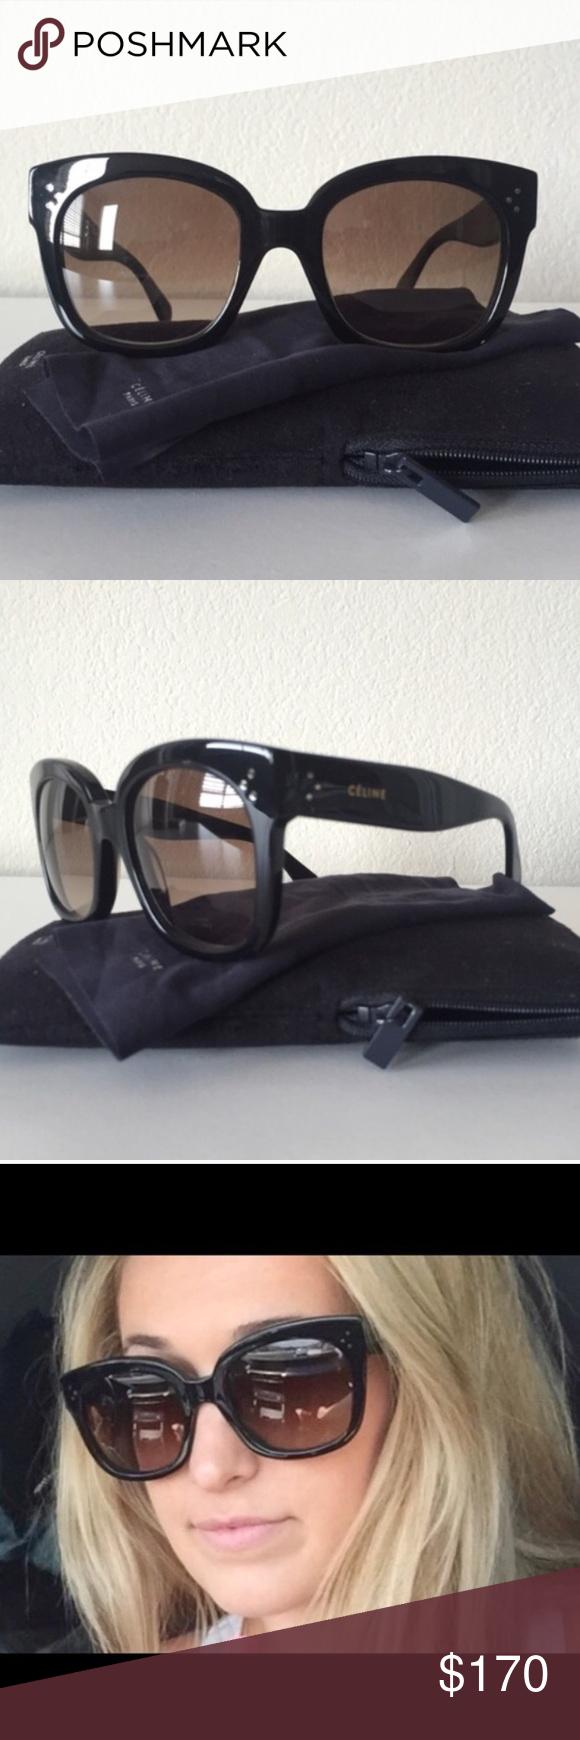 6d7b652f9e0e Céline New Audrey CL 41805 S 807HA Céline New Audrey CL 41805 S 807HA  sunglasses. Black frame with brown gradient lenses. Have only been worn  once